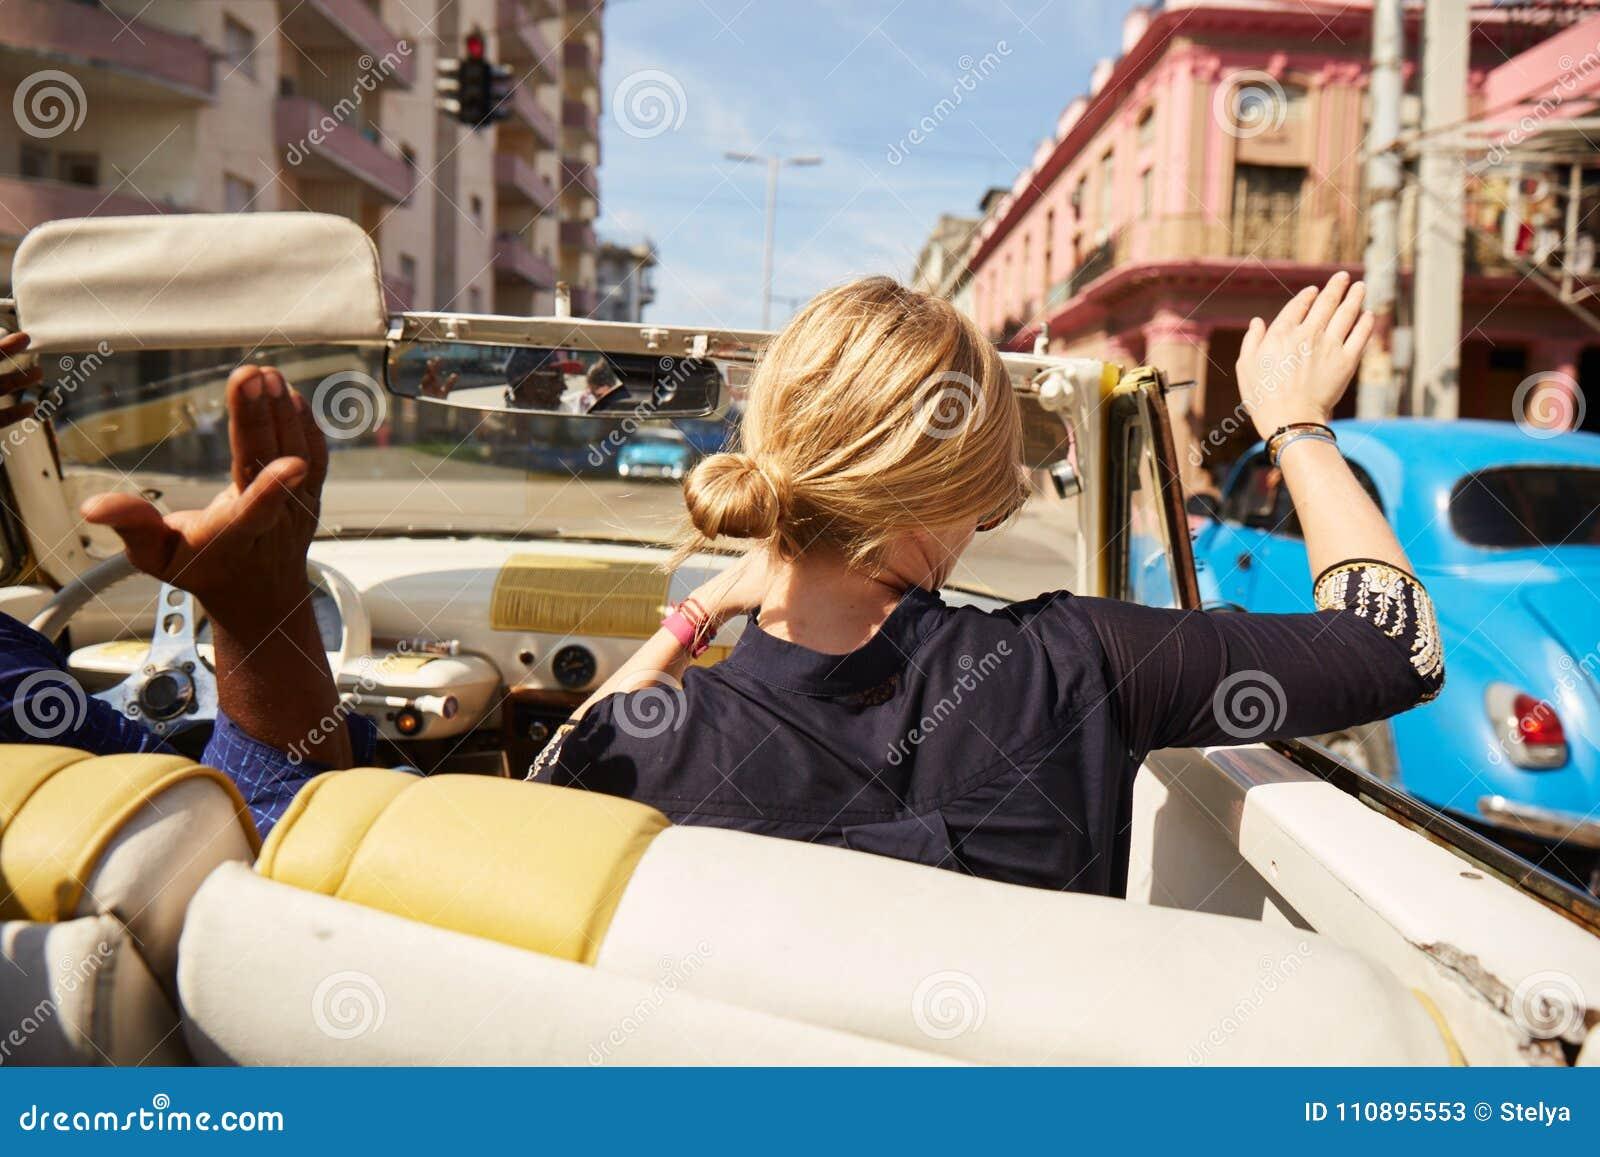 Turism Havana Cuba